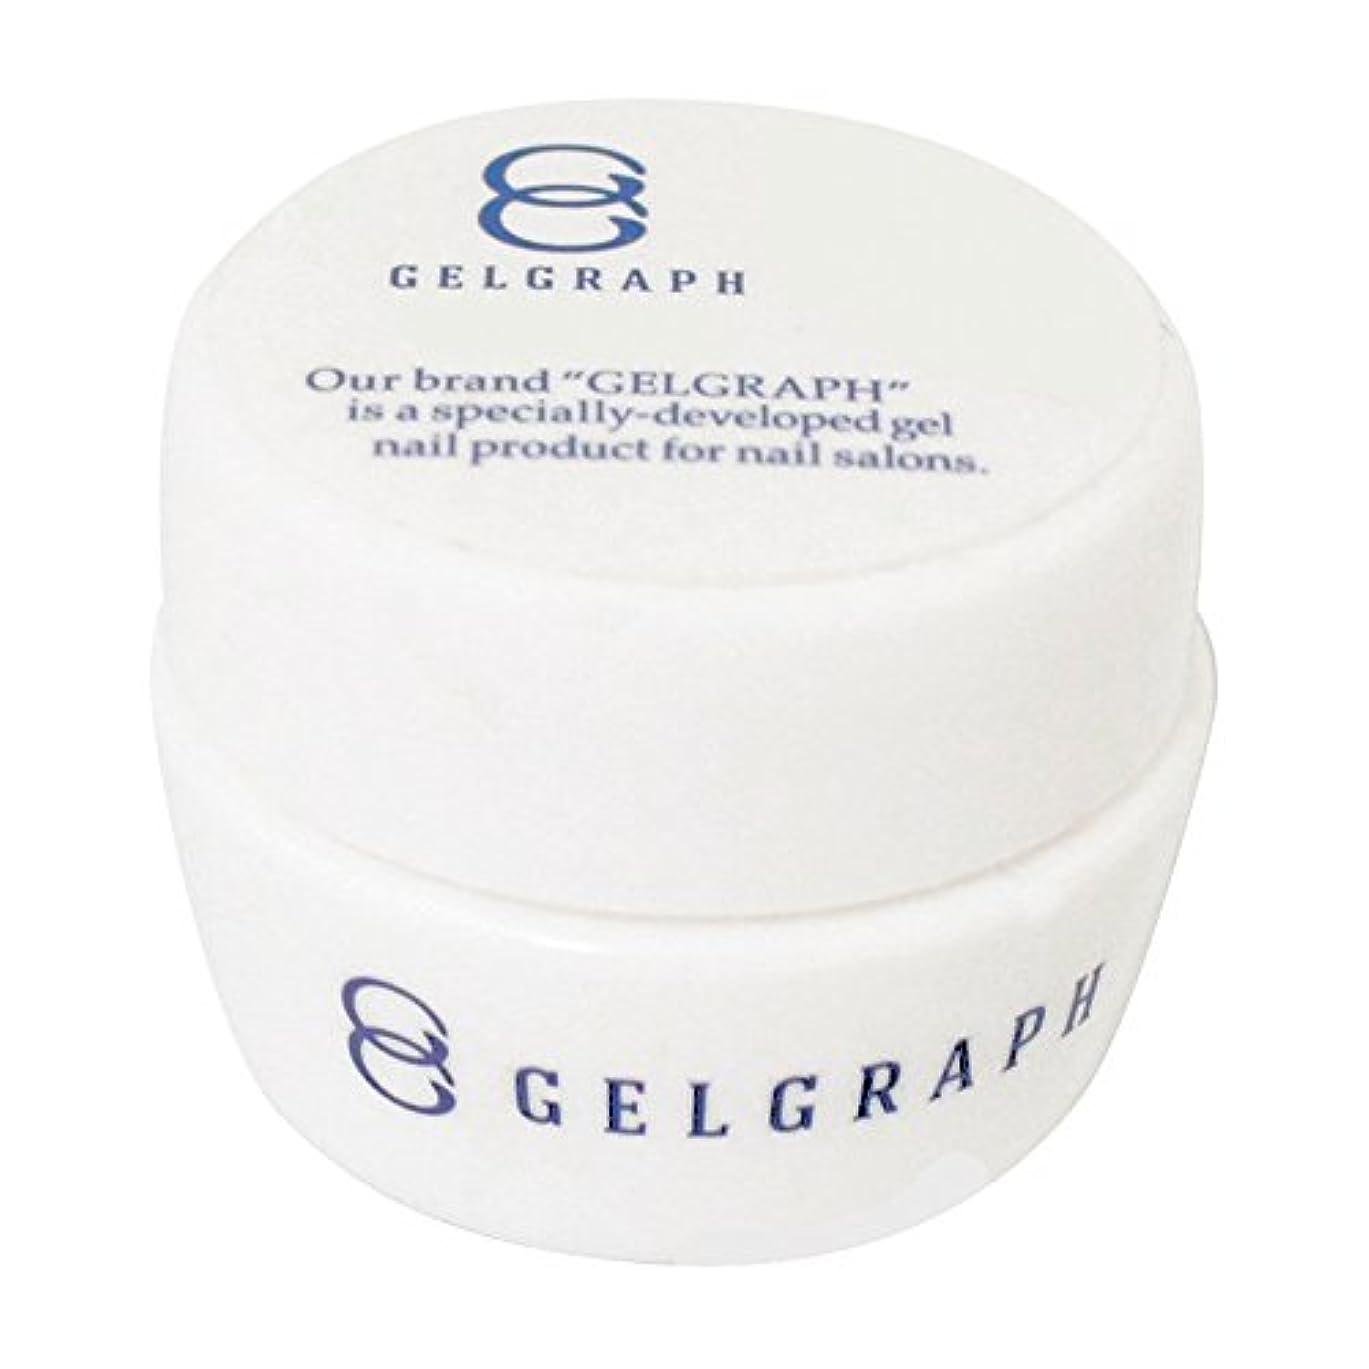 GELGRAPH カラージェル 132SG ジンジャーモヒート 5g UV/LED対応 ソークオフジェル